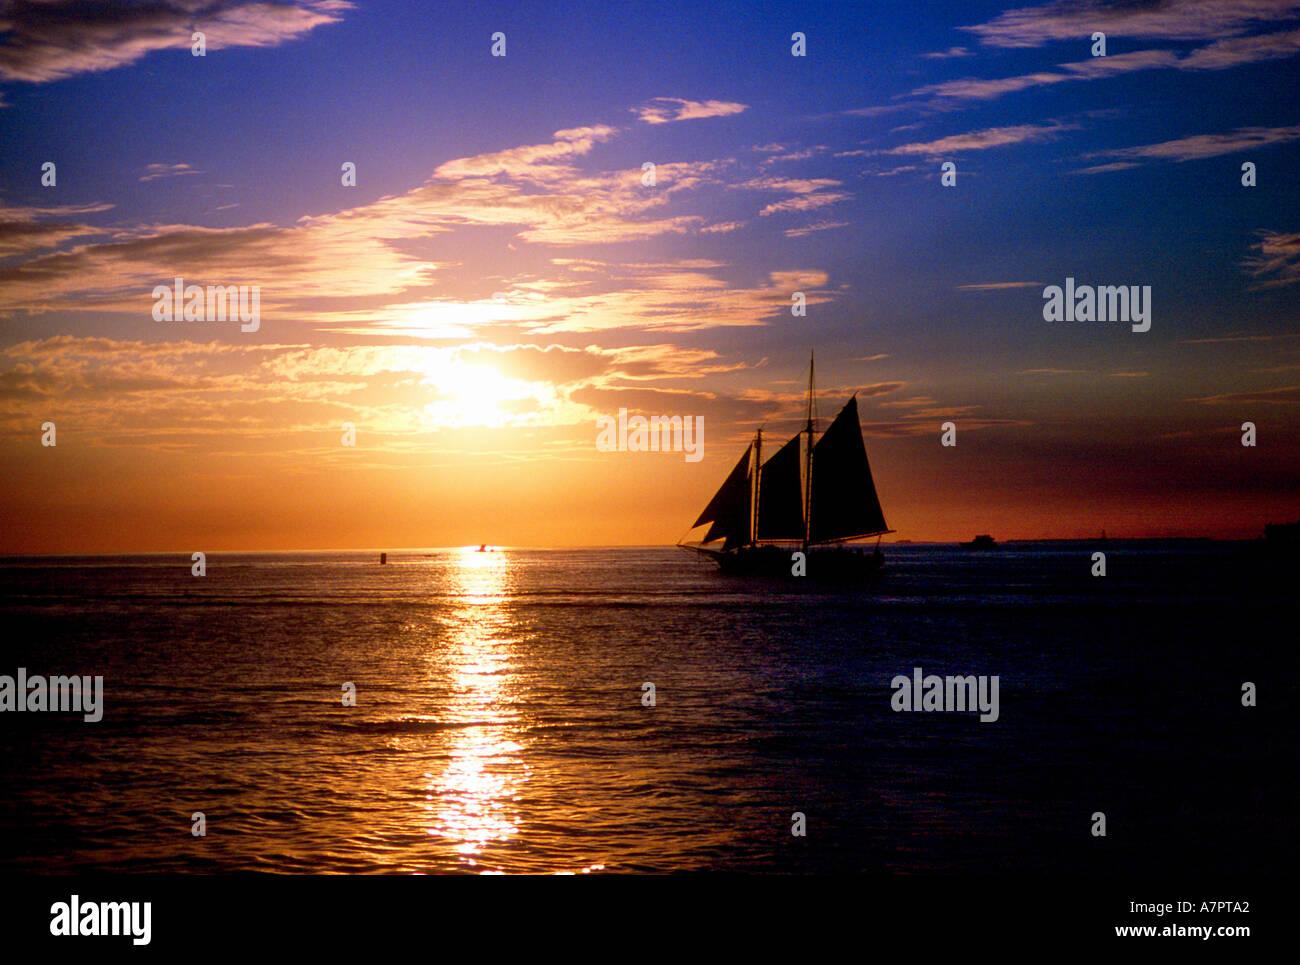 Key West Sunset Florida U.S.A. - Stock Image